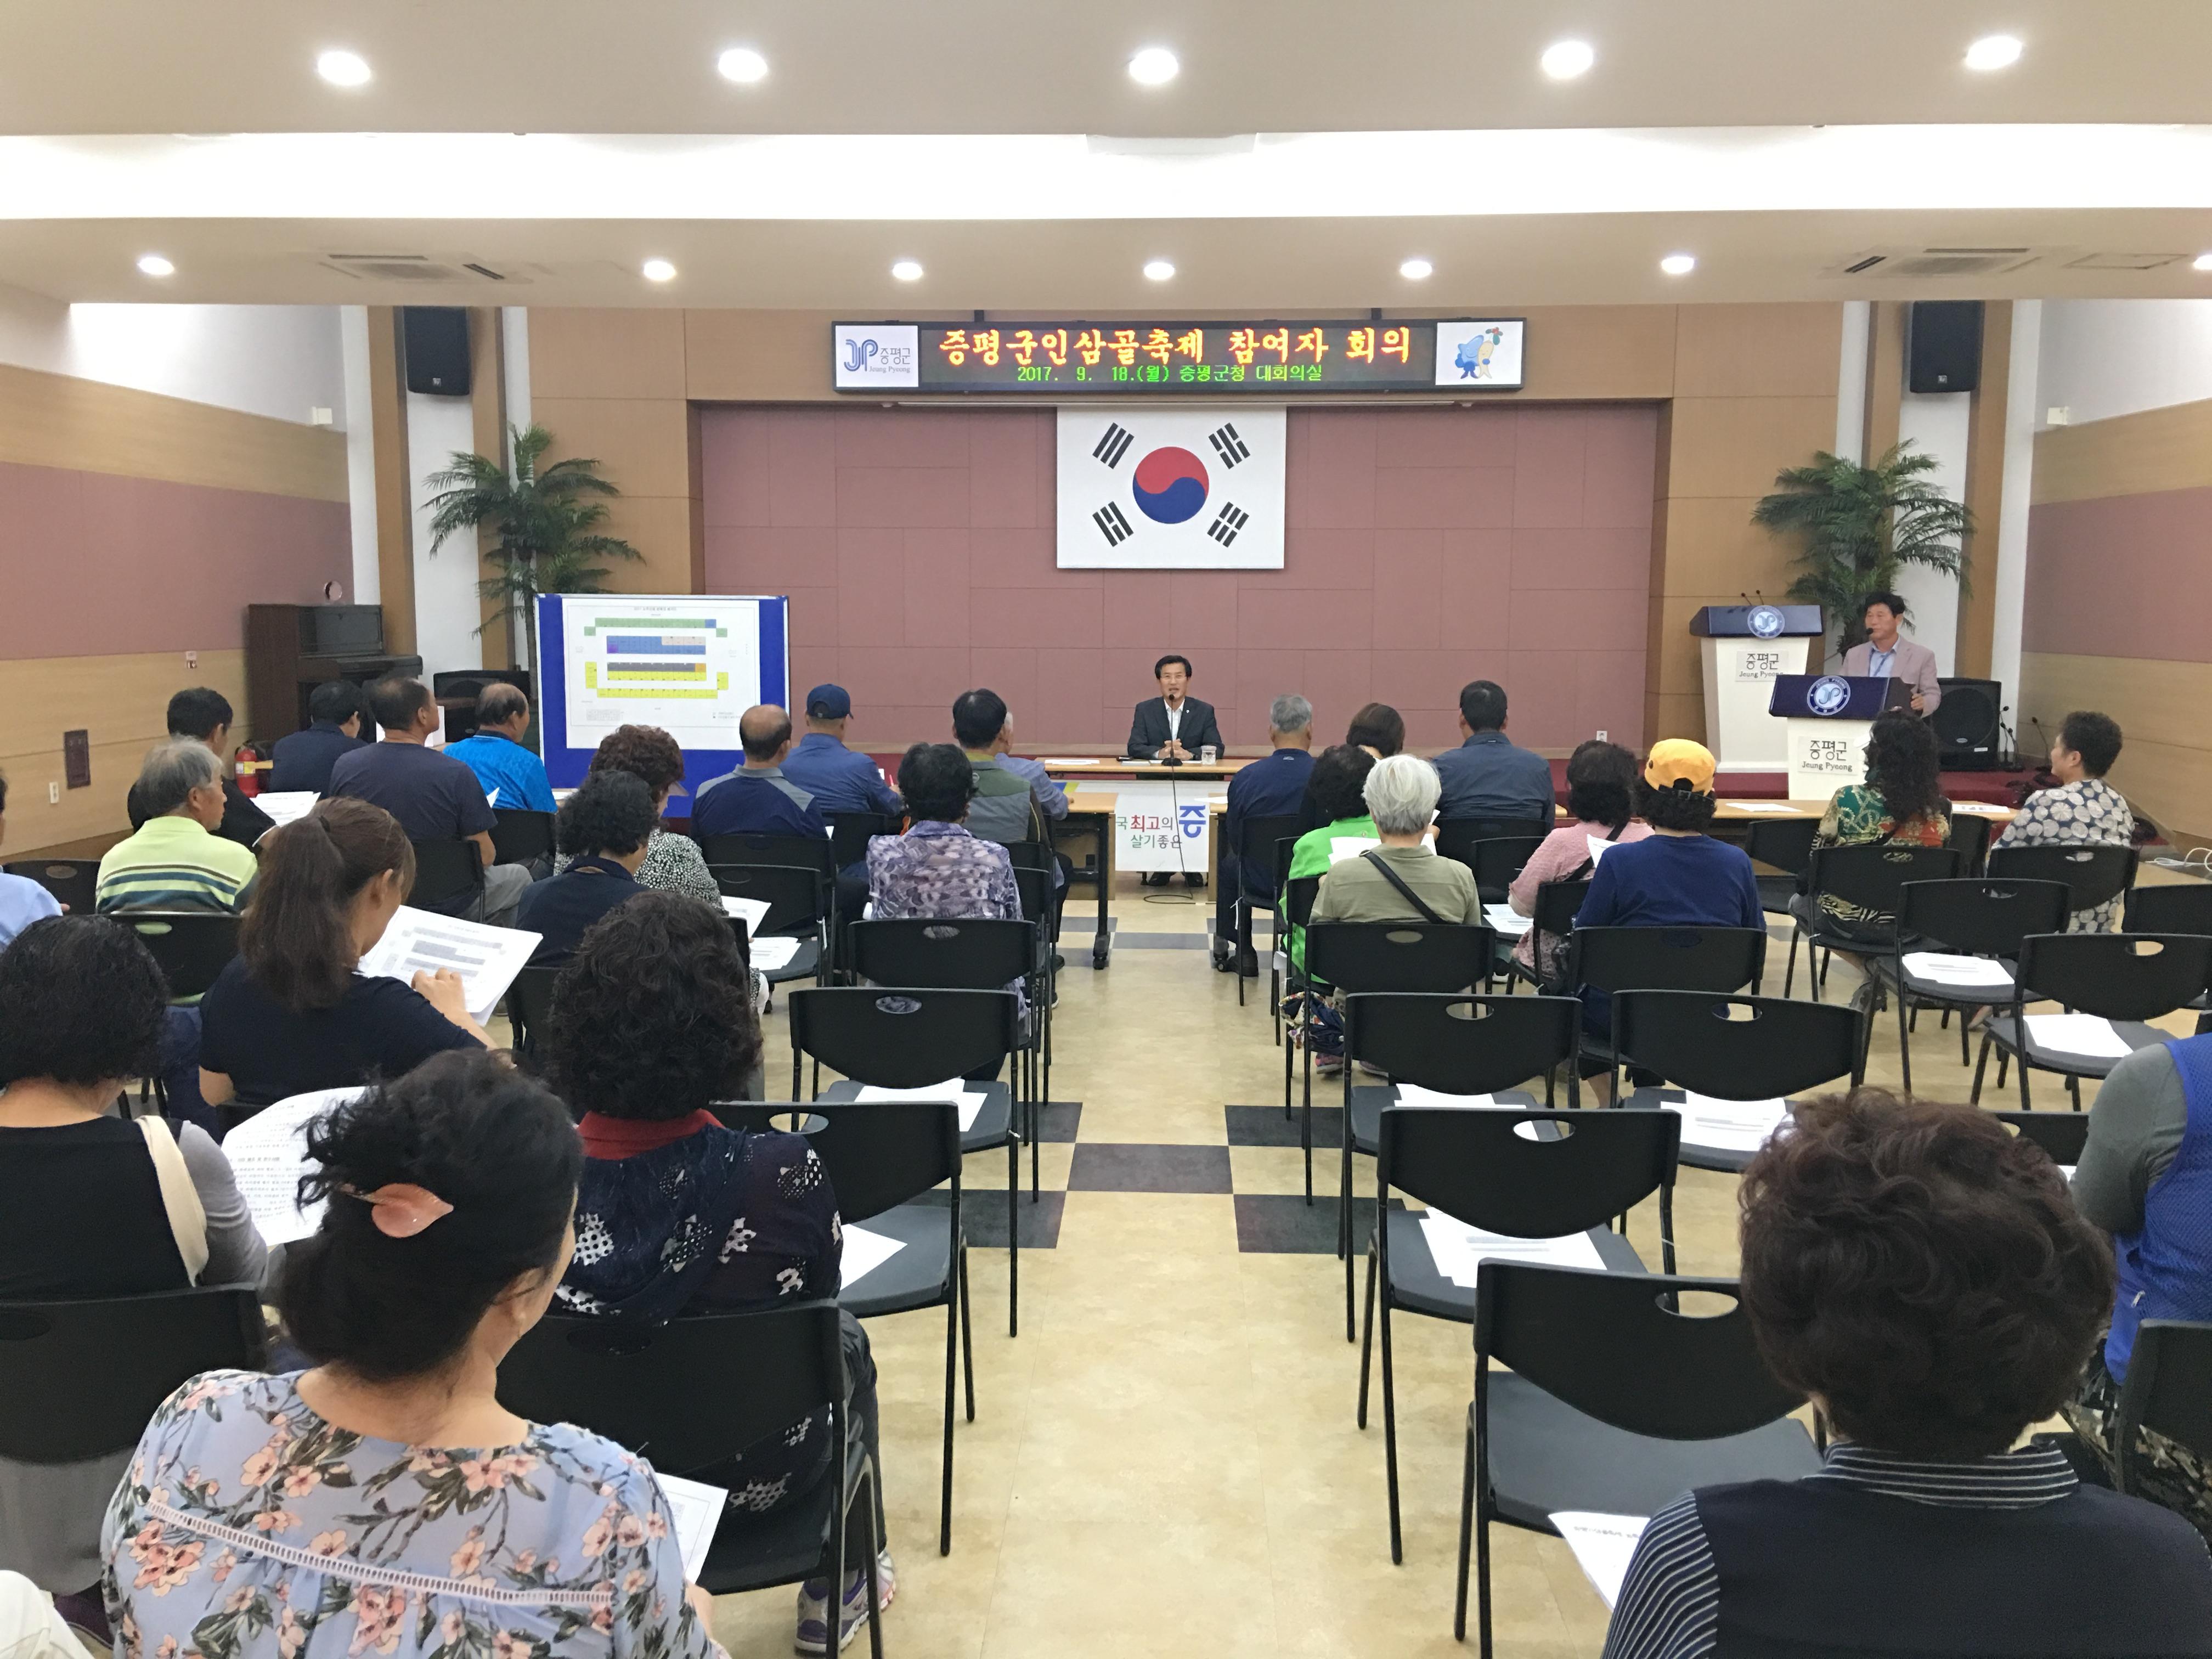 증평인삼골축제 농특산물 판매장 참여자 회의 [이미지]